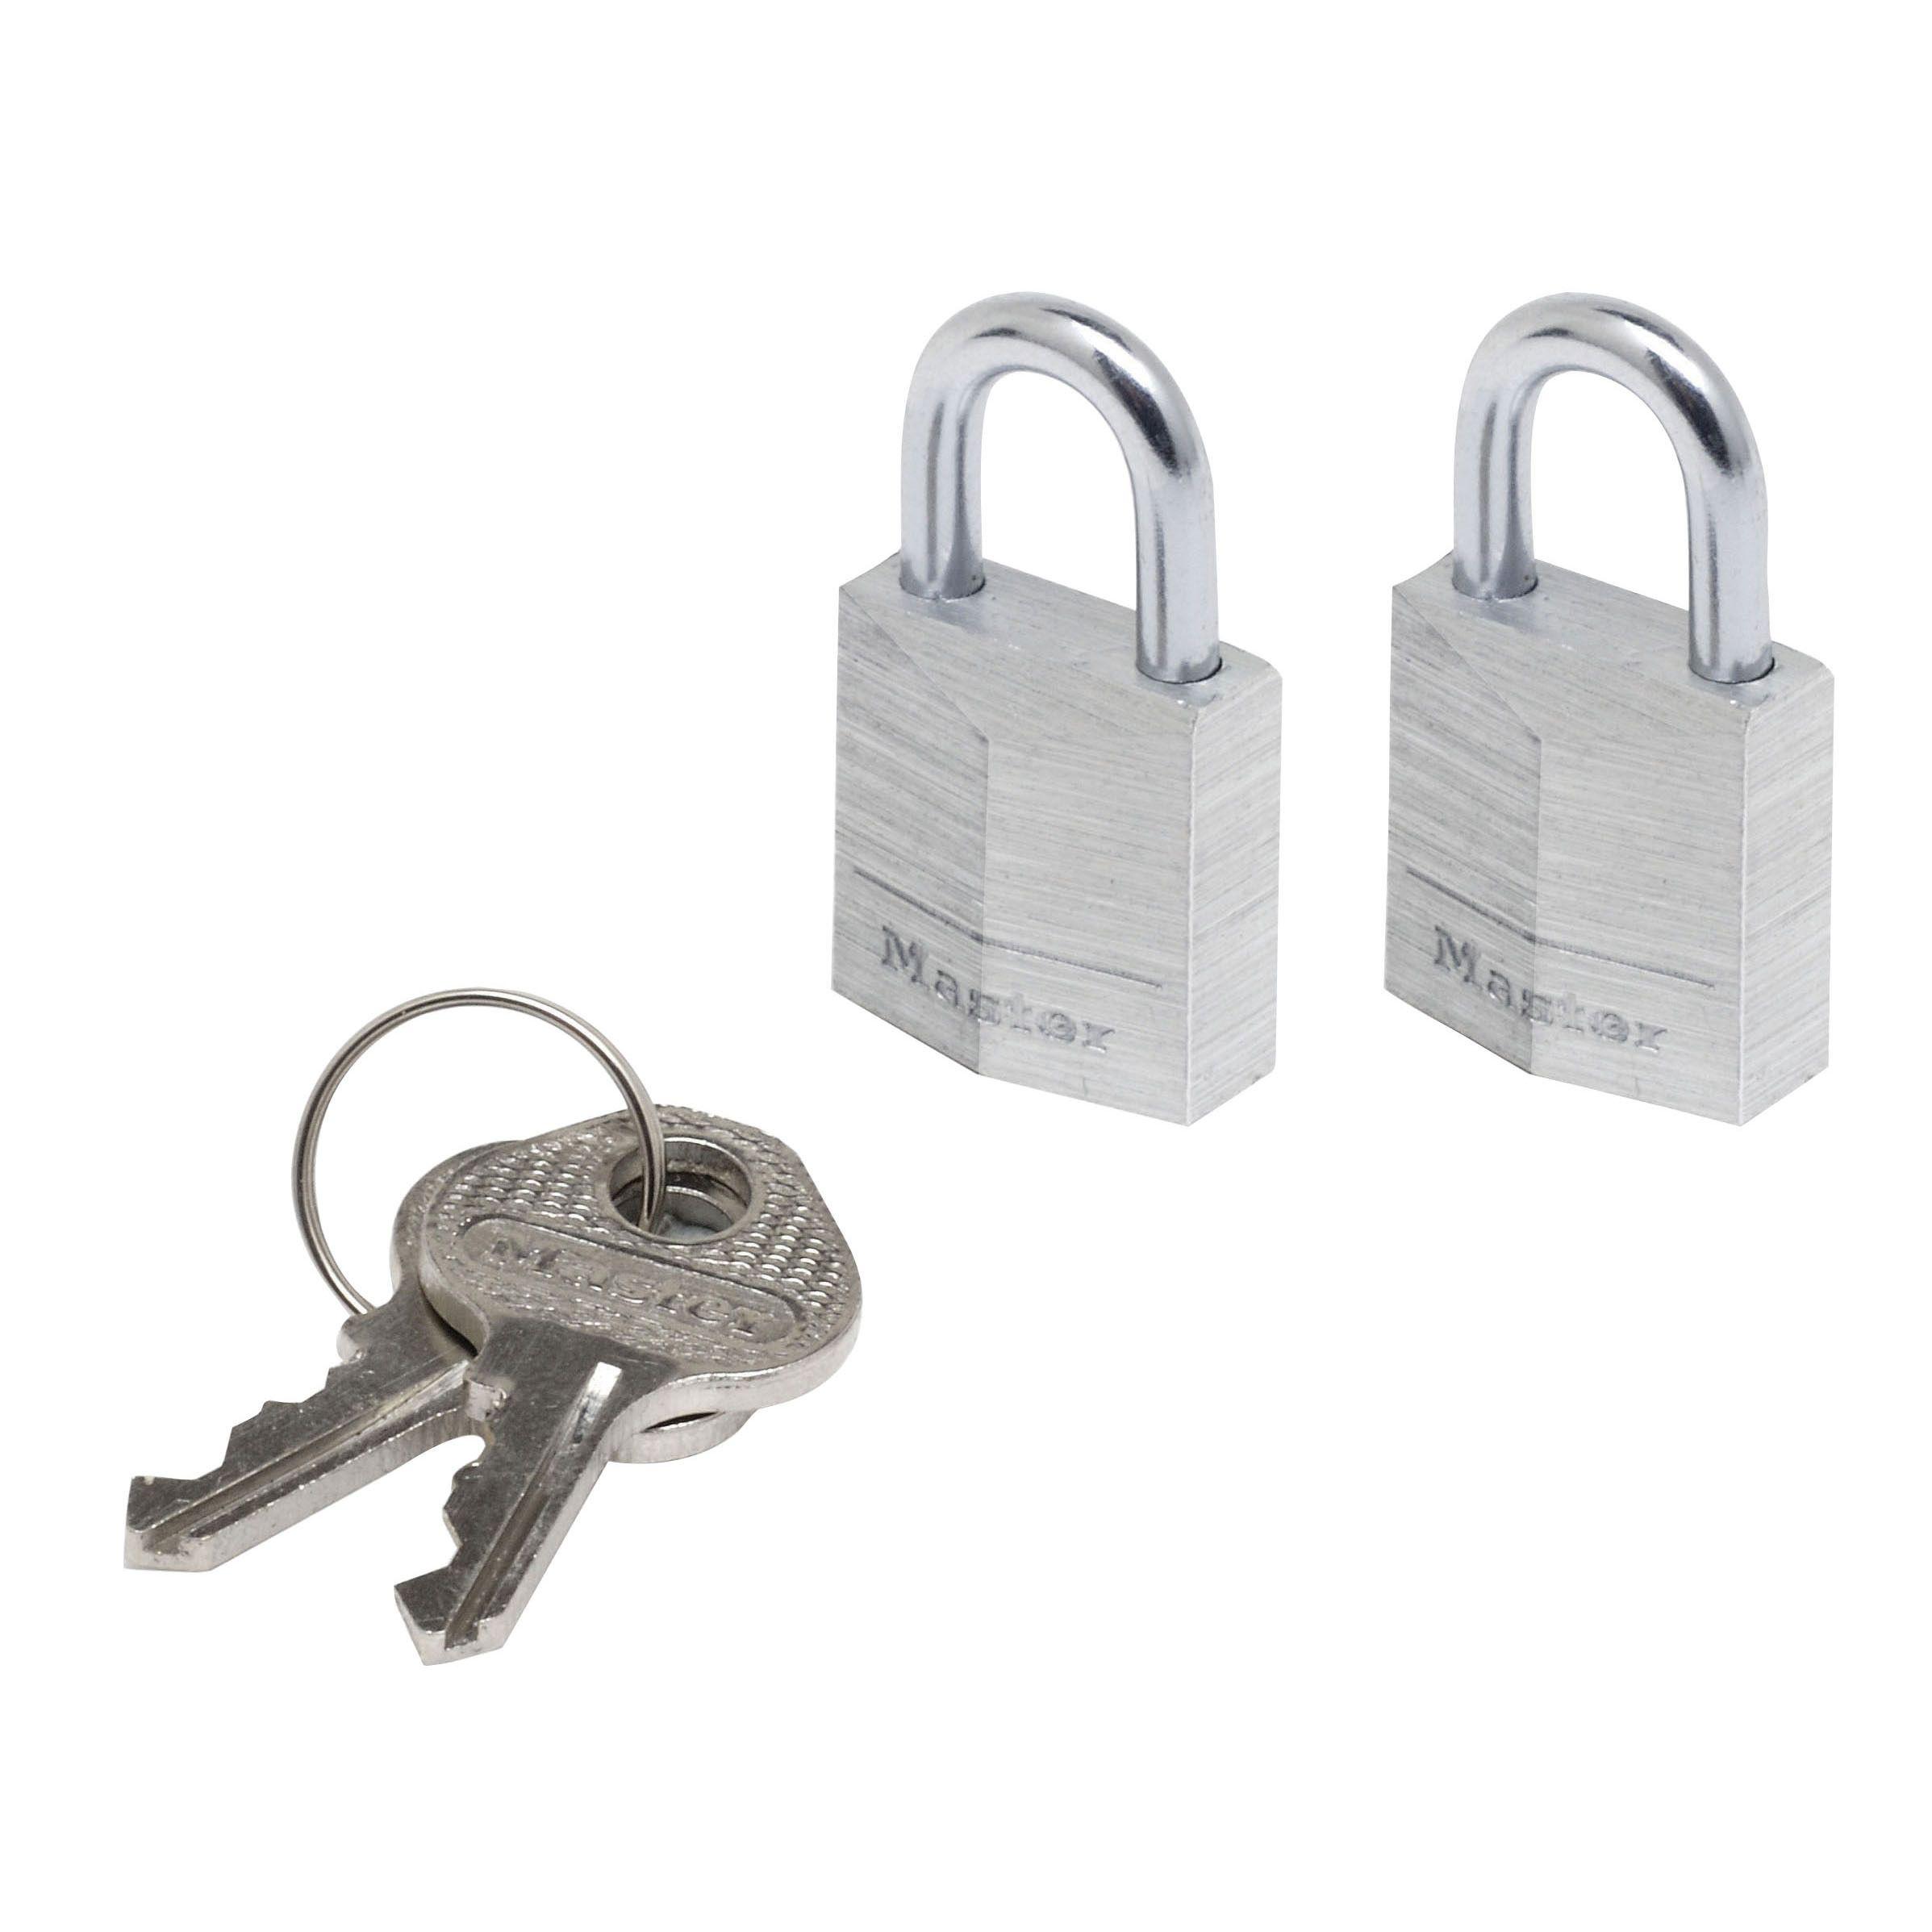 Master Lock Aluminium Pin Tumbler Open Shackle Padlock (w)20mm, Pack Of 2